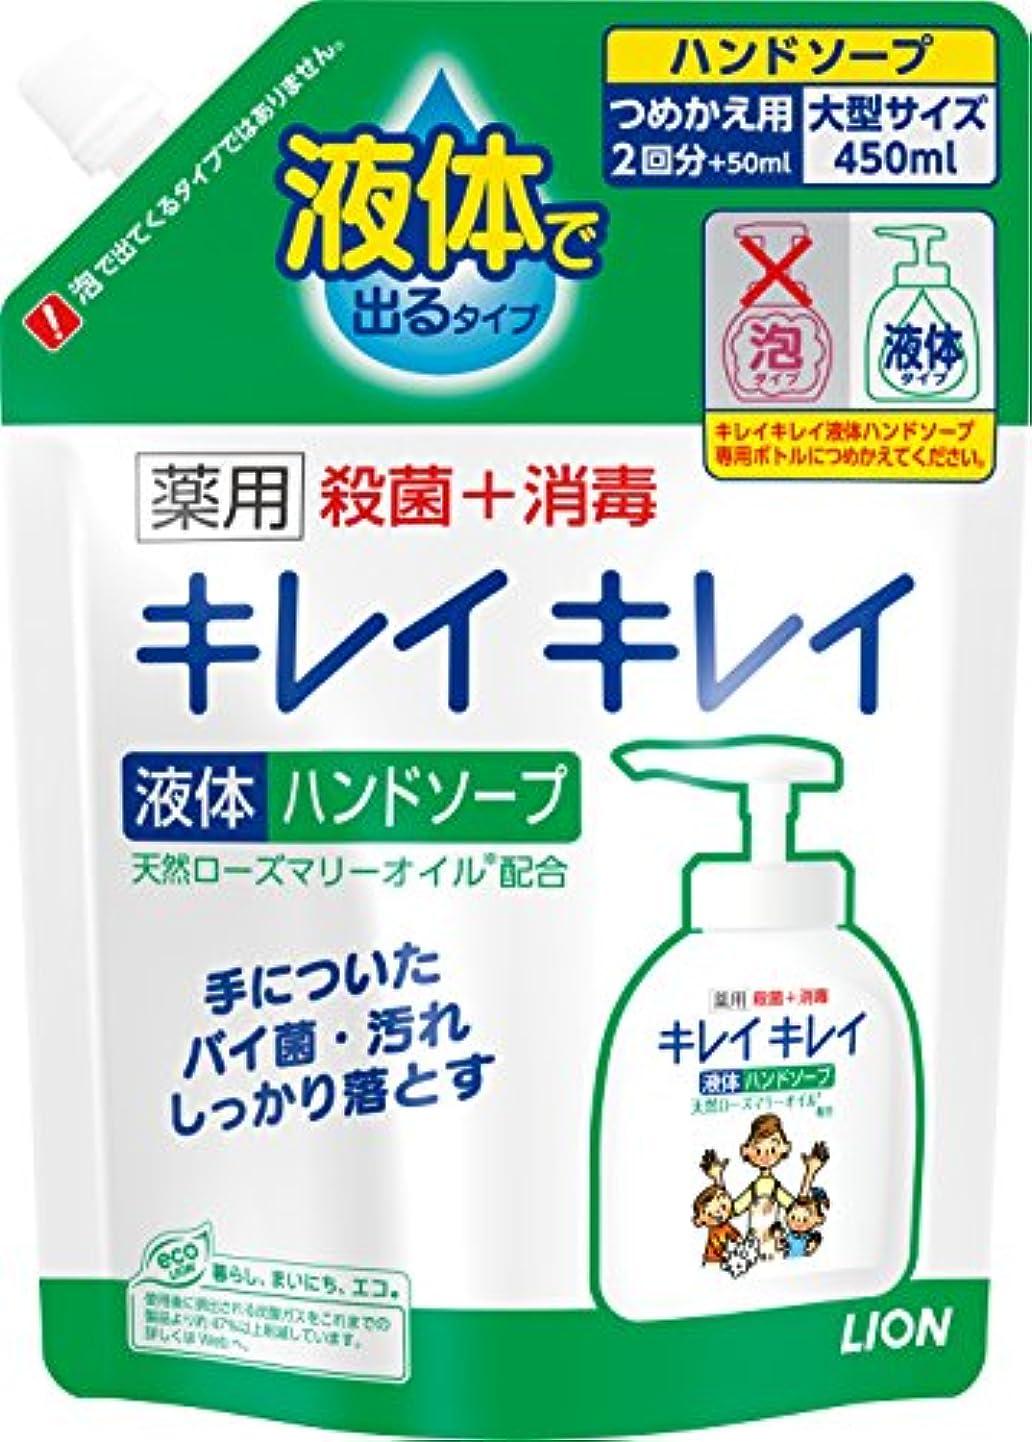 はさみ同様の始めるキレイキレイ 薬用 液体ハンドソープ 詰め替え 450ml(医薬部外品)